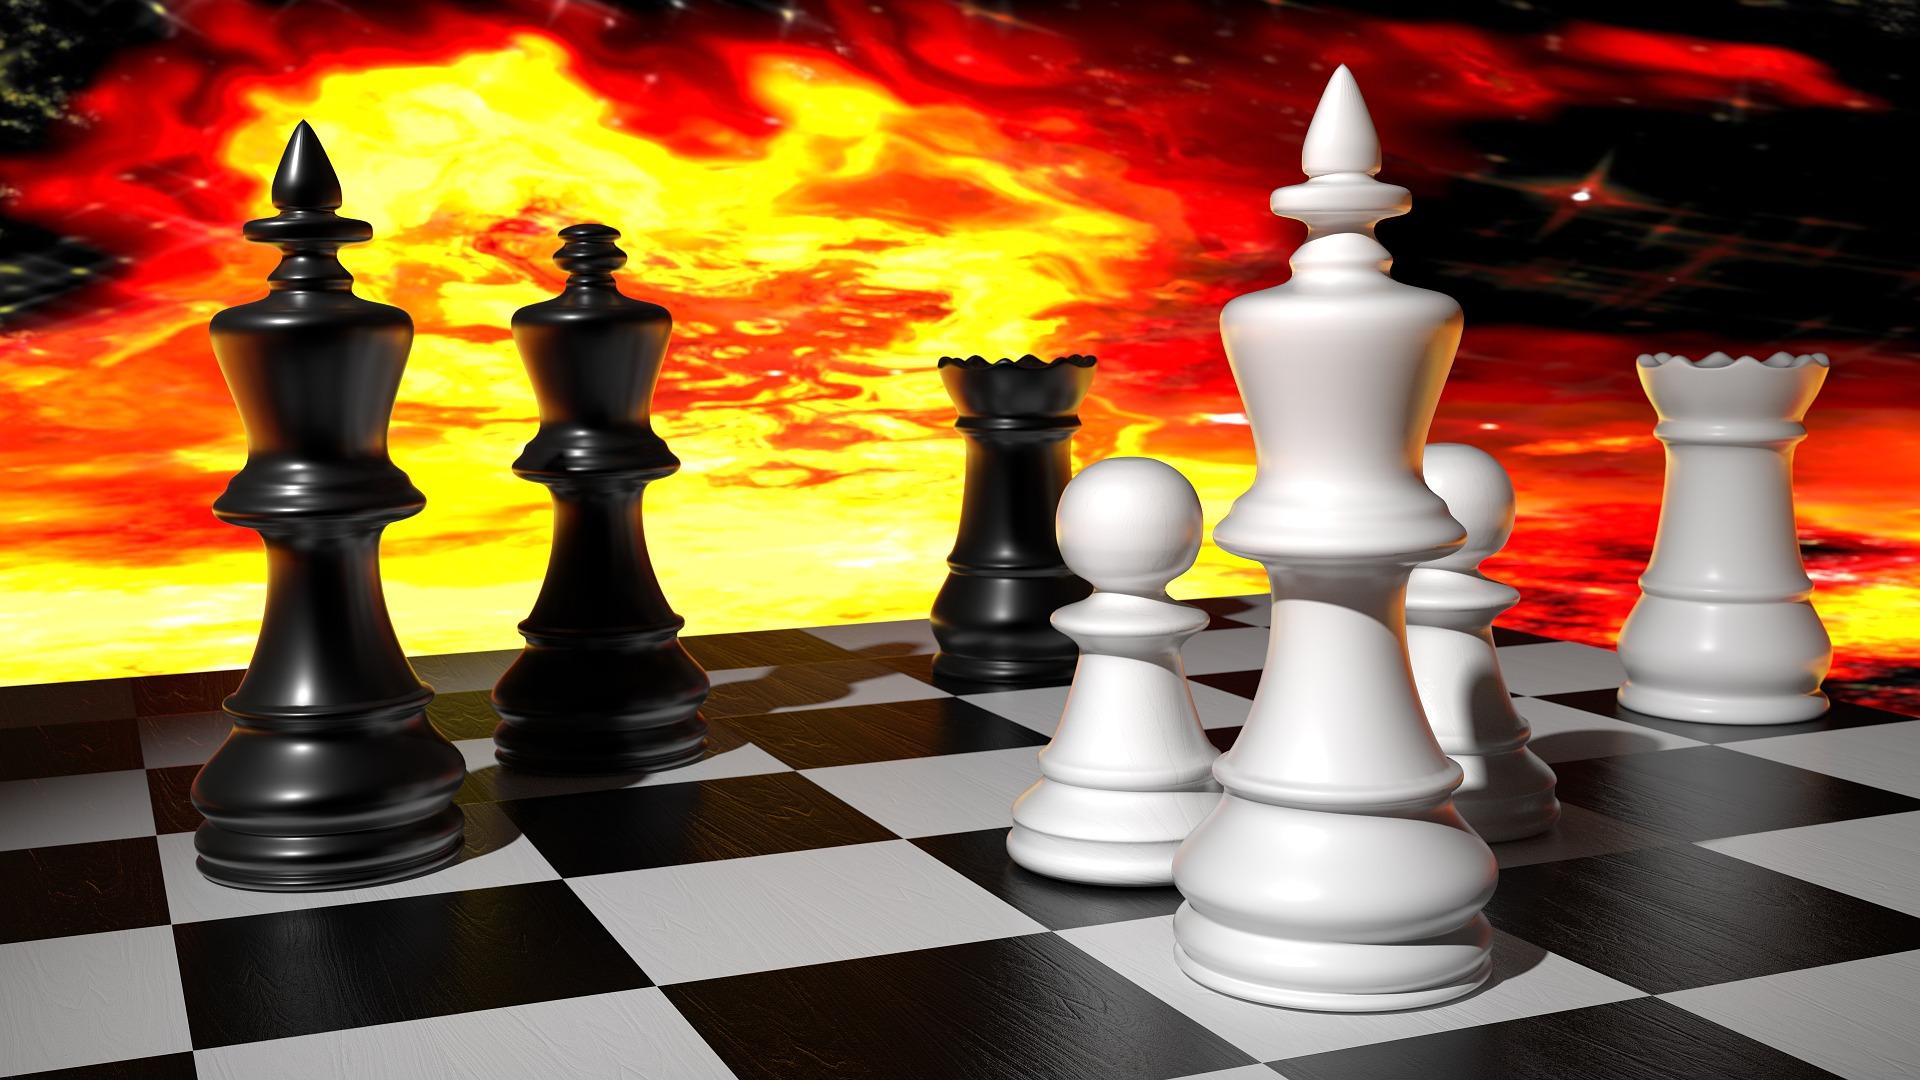 szachy wieża pionki hetman wieże